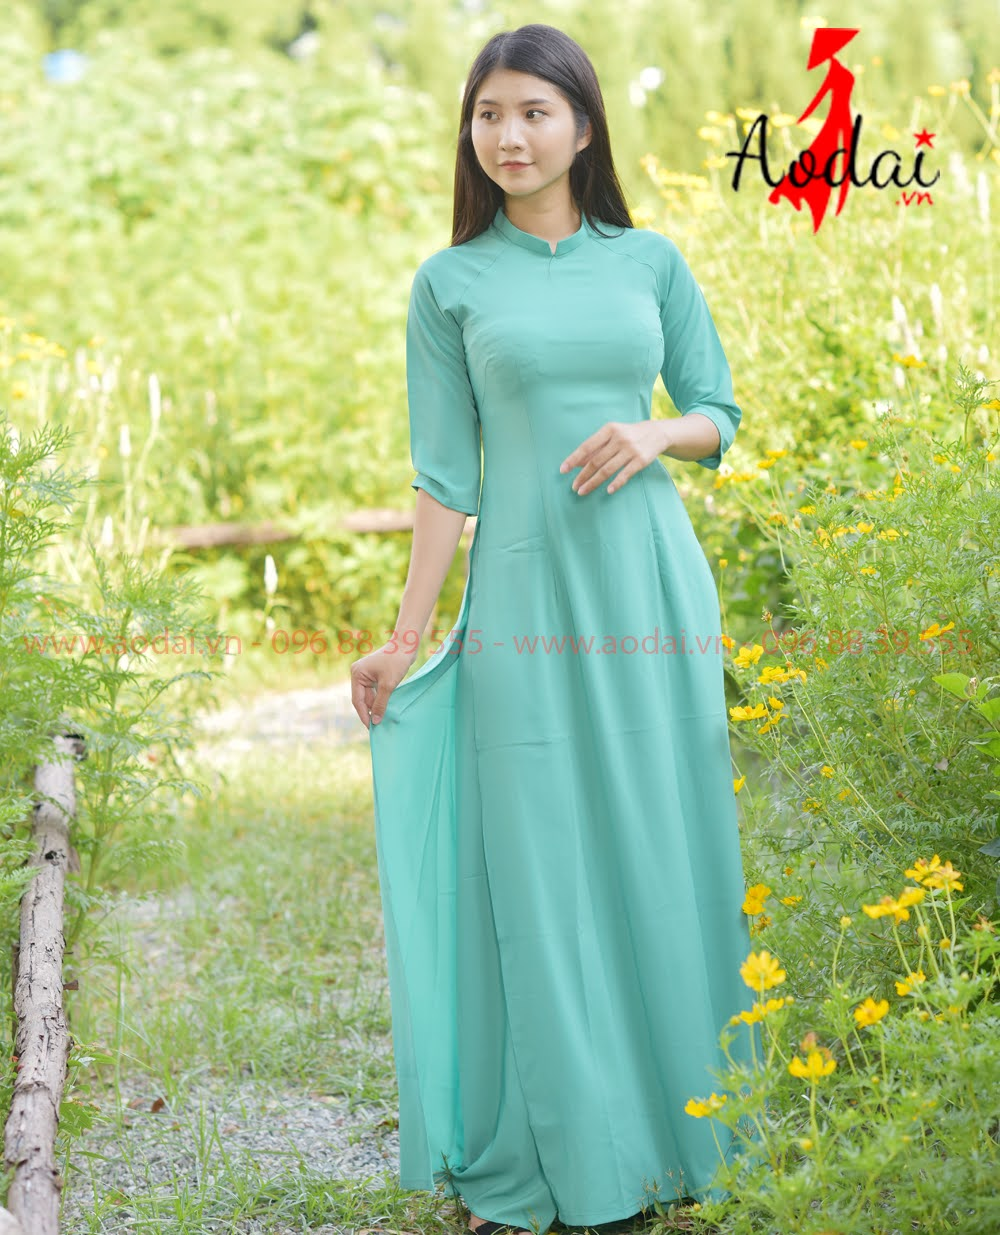 In áo dài tại Thái Nguyên